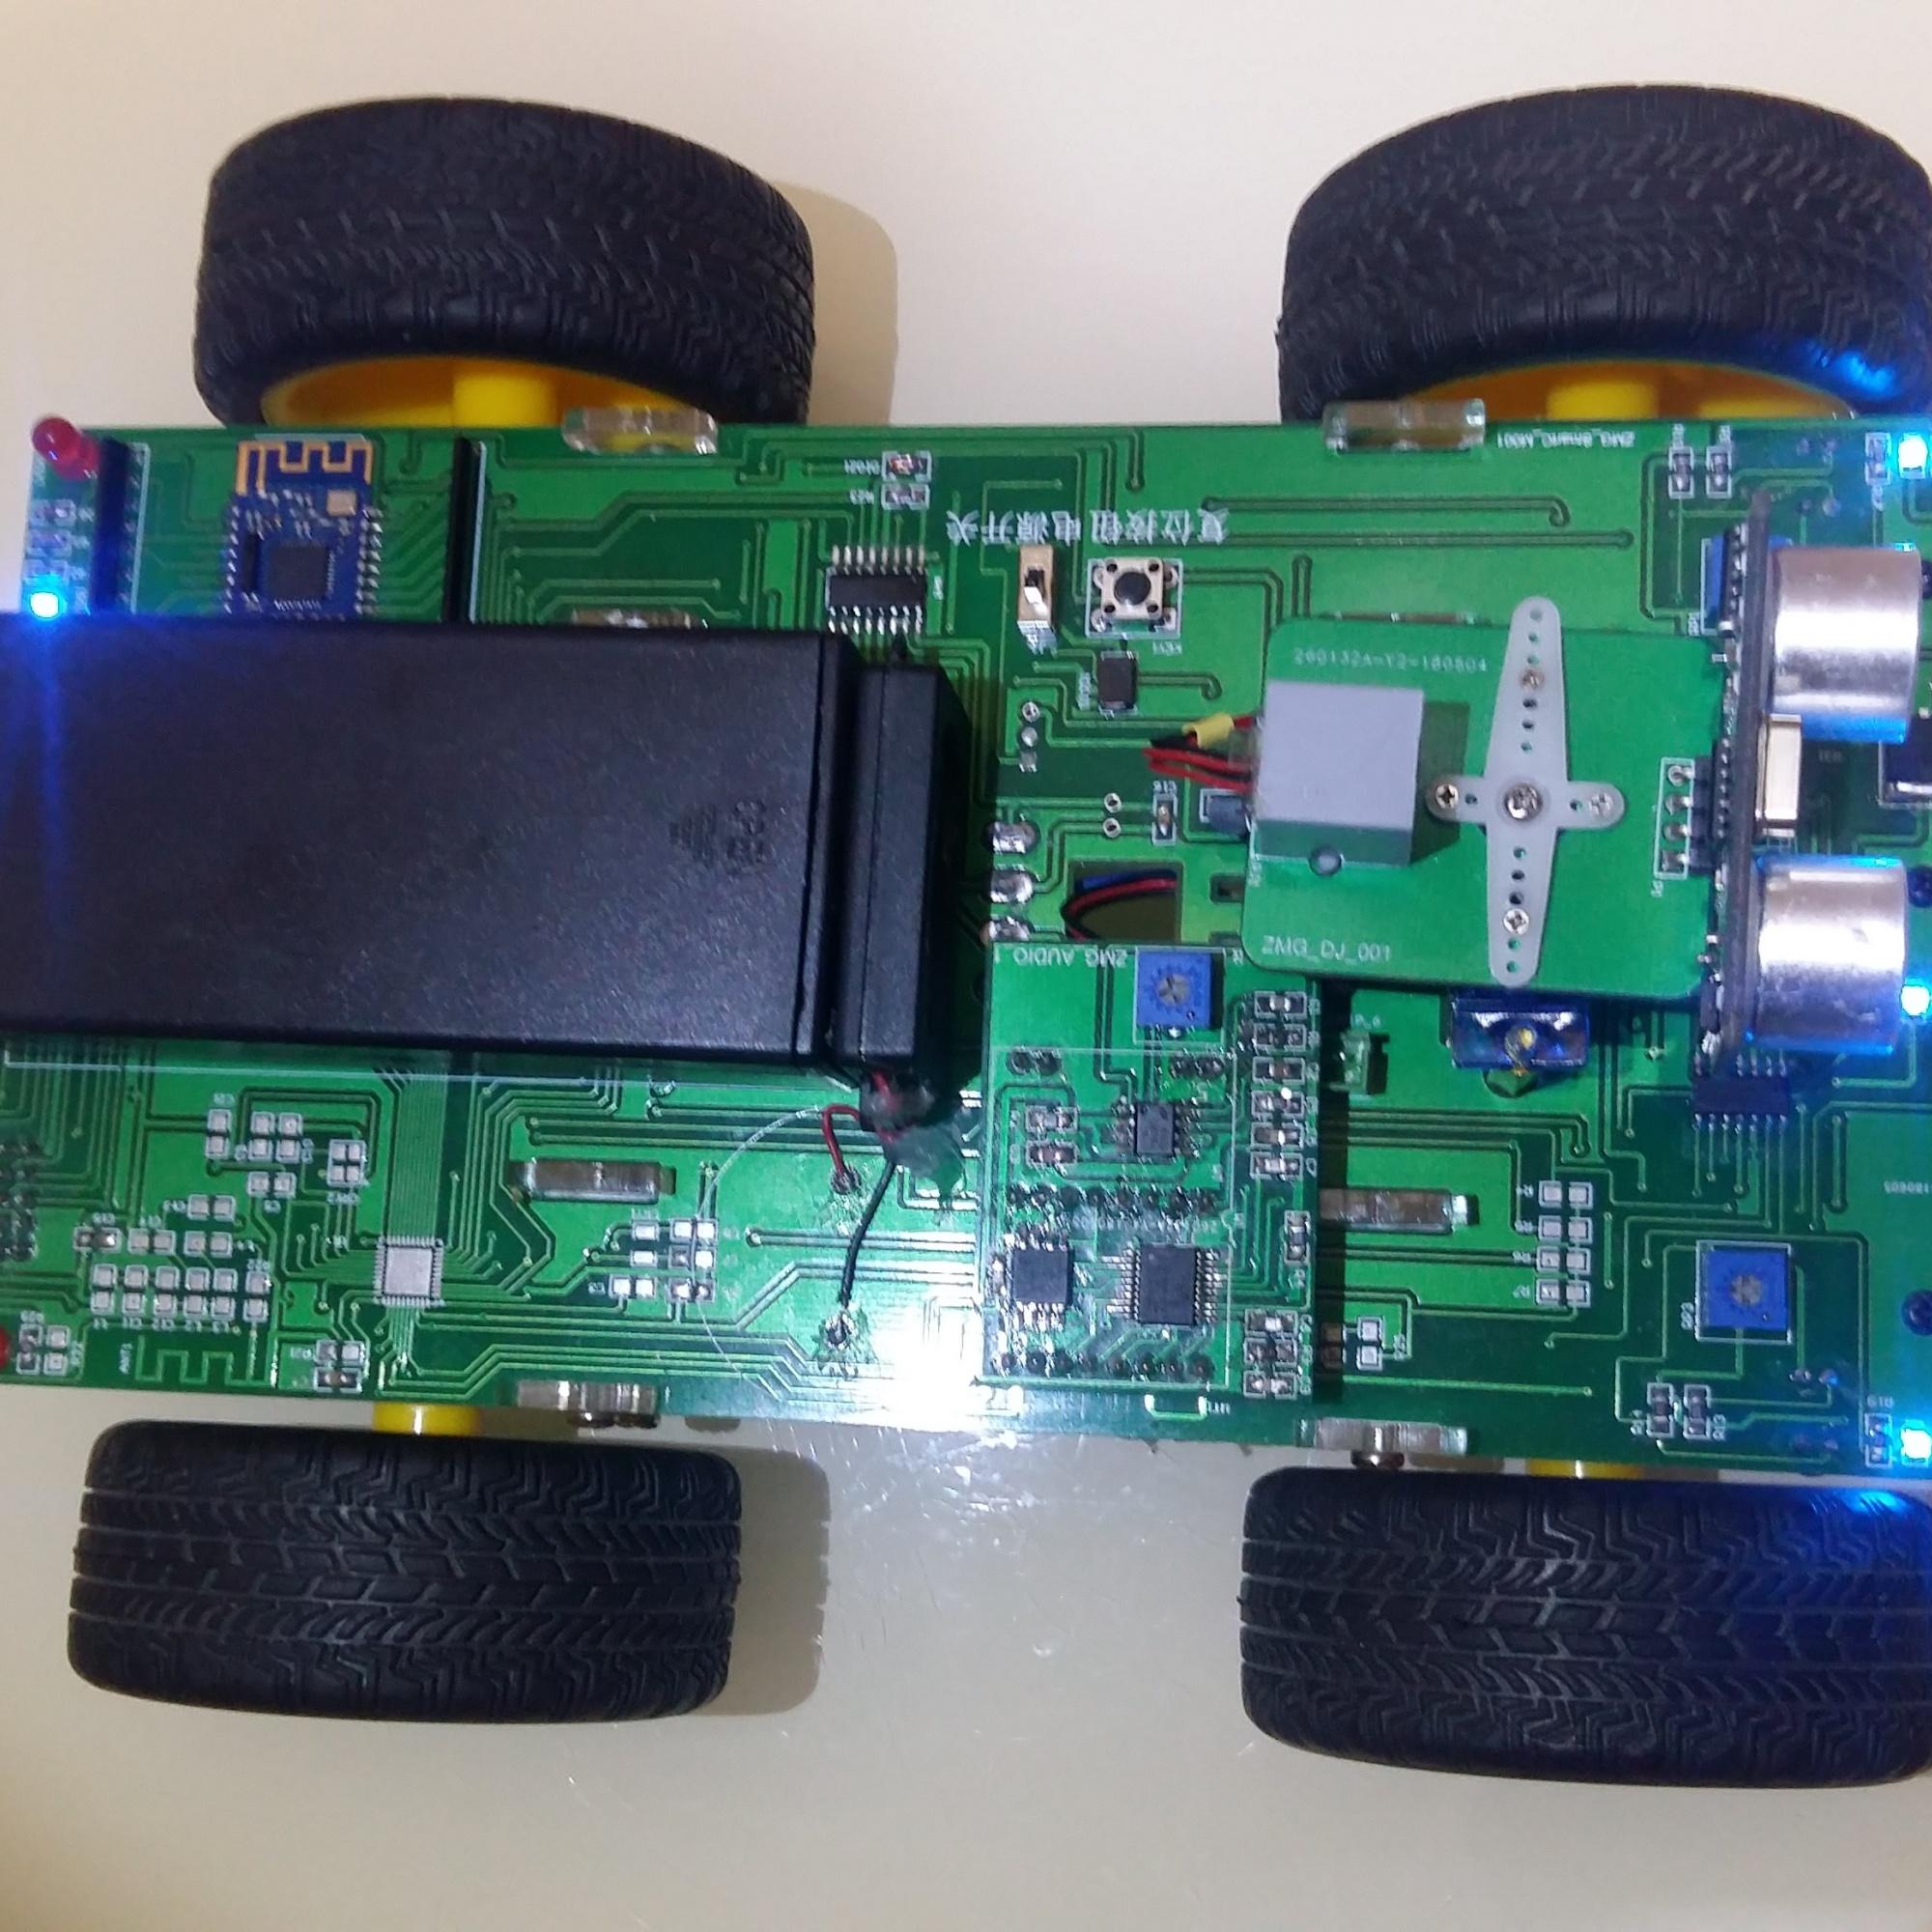 DIY 一体化智能小车  带有语音  电池电量检测  循迹  超声波避障